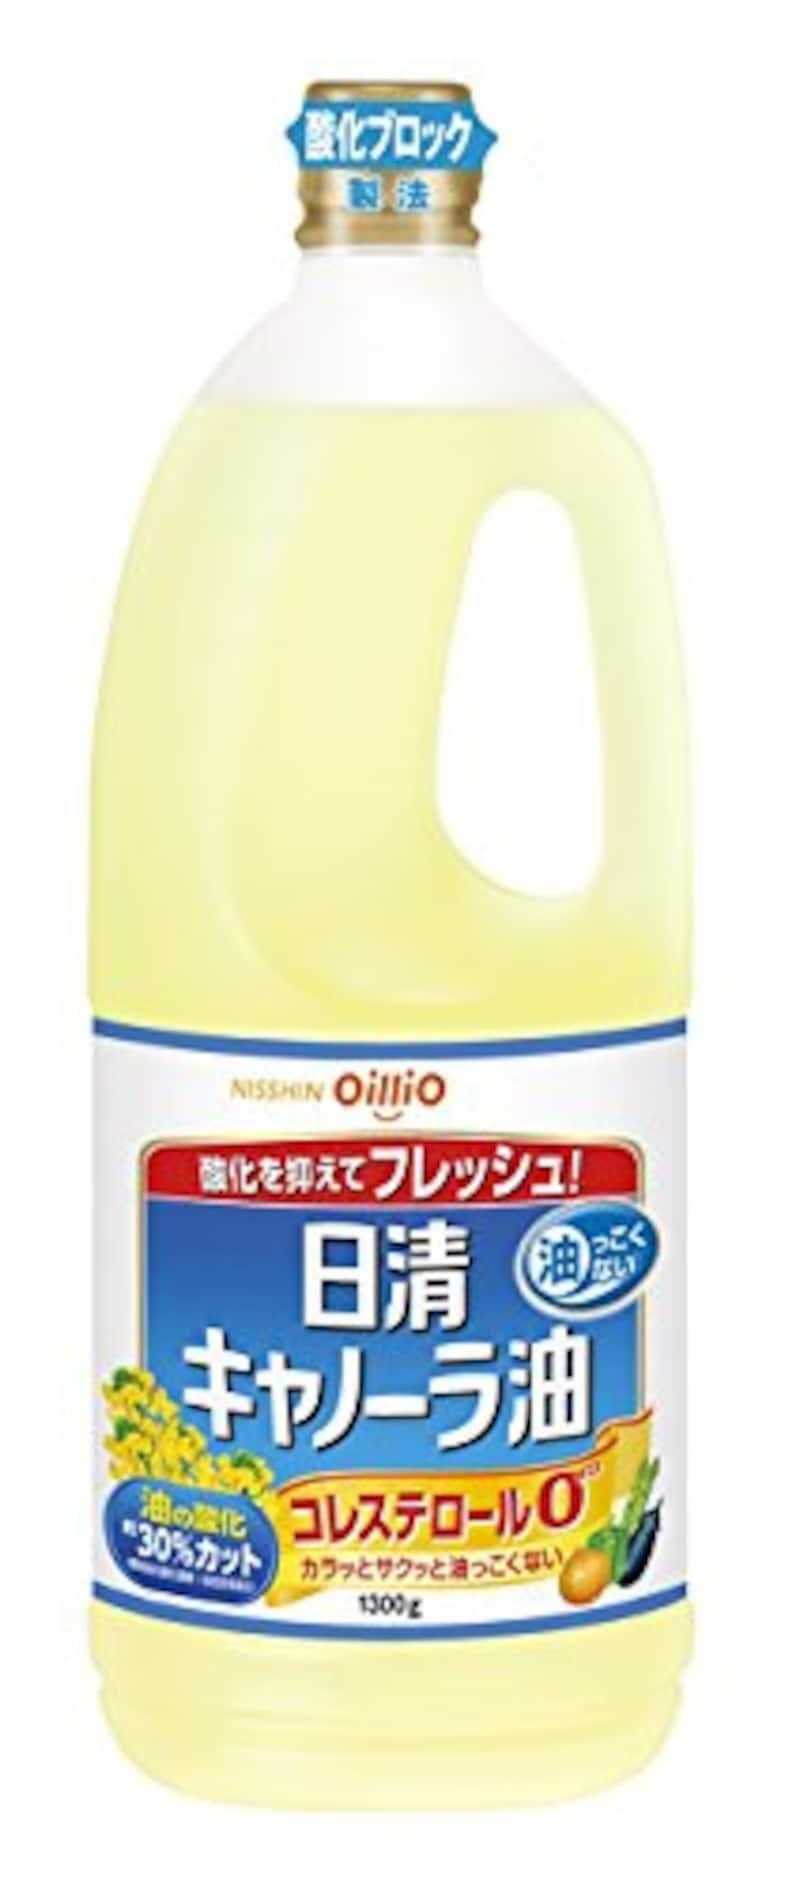 日清オイリオ, キャノーラ油  1300g